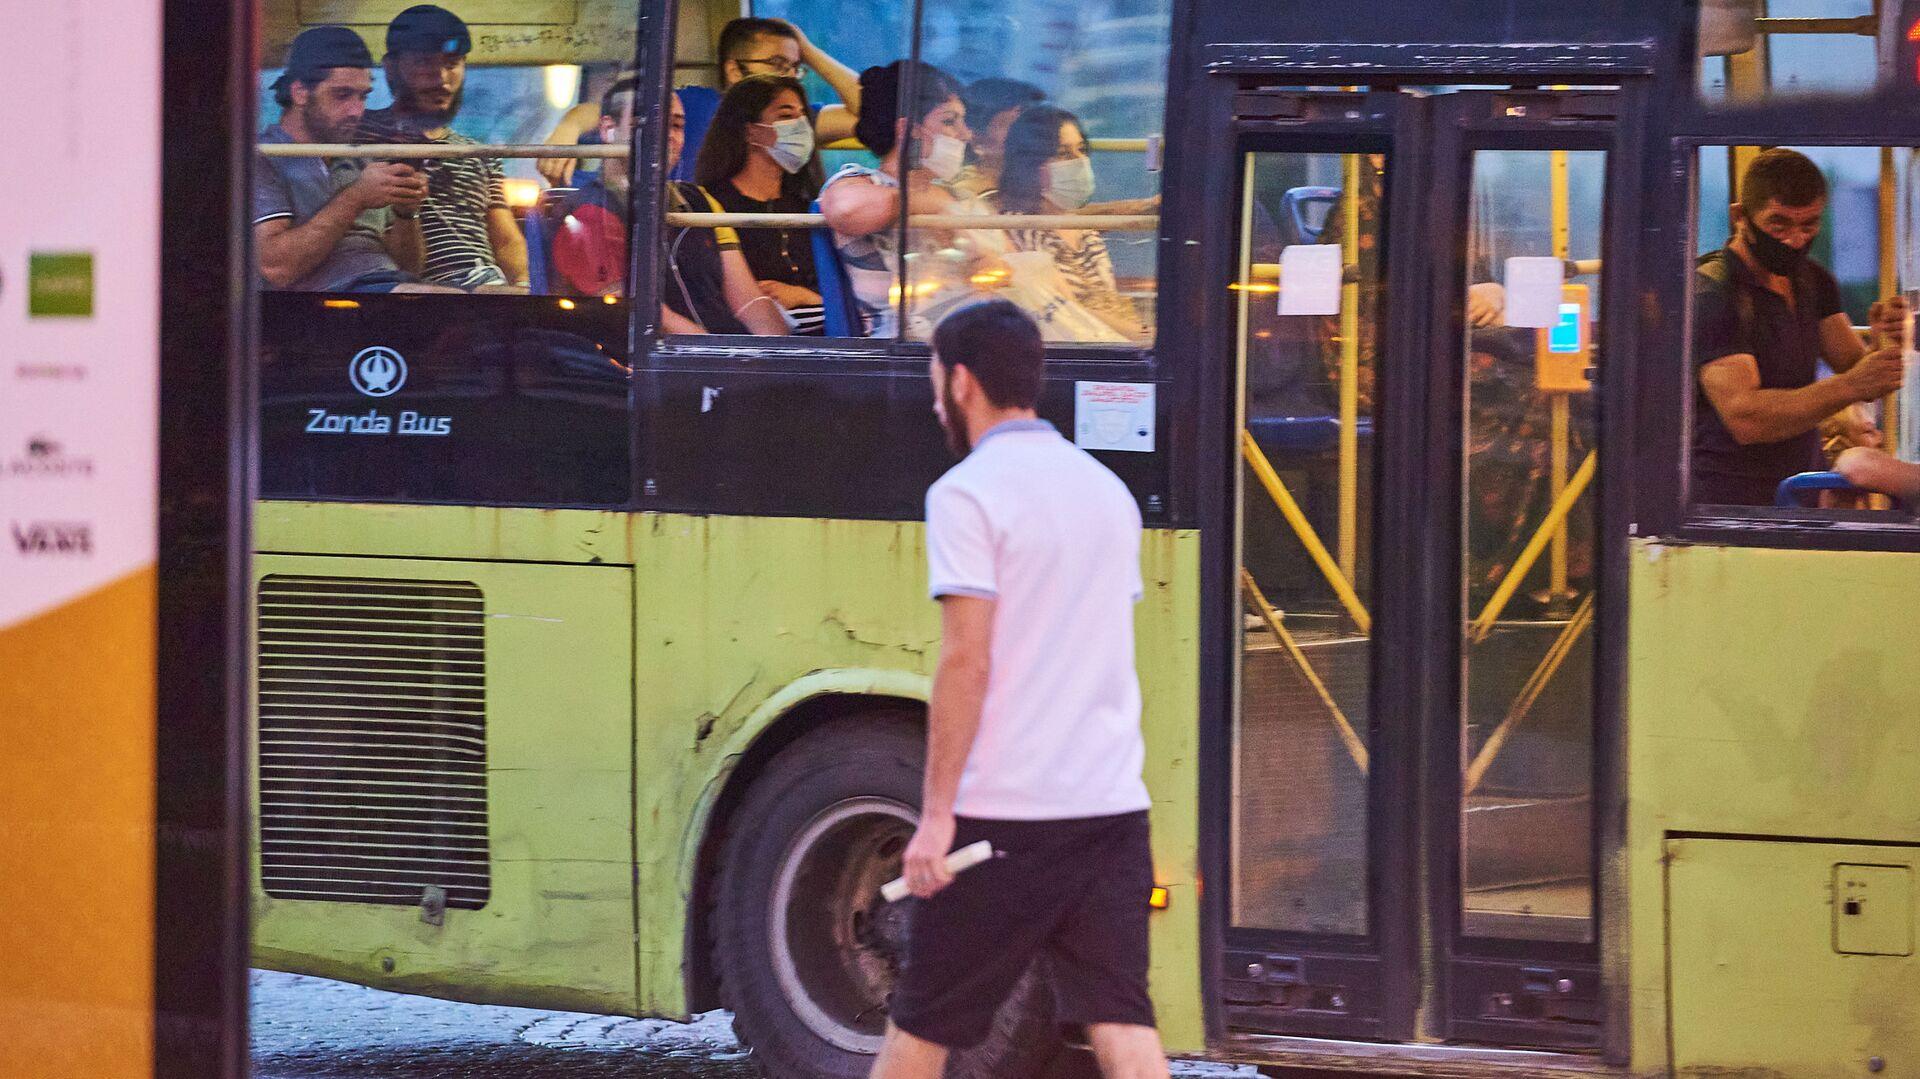 Эпидемия коронавируса - пассажиры в автобусе в масках - Sputnik Грузия, 1920, 13.09.2021